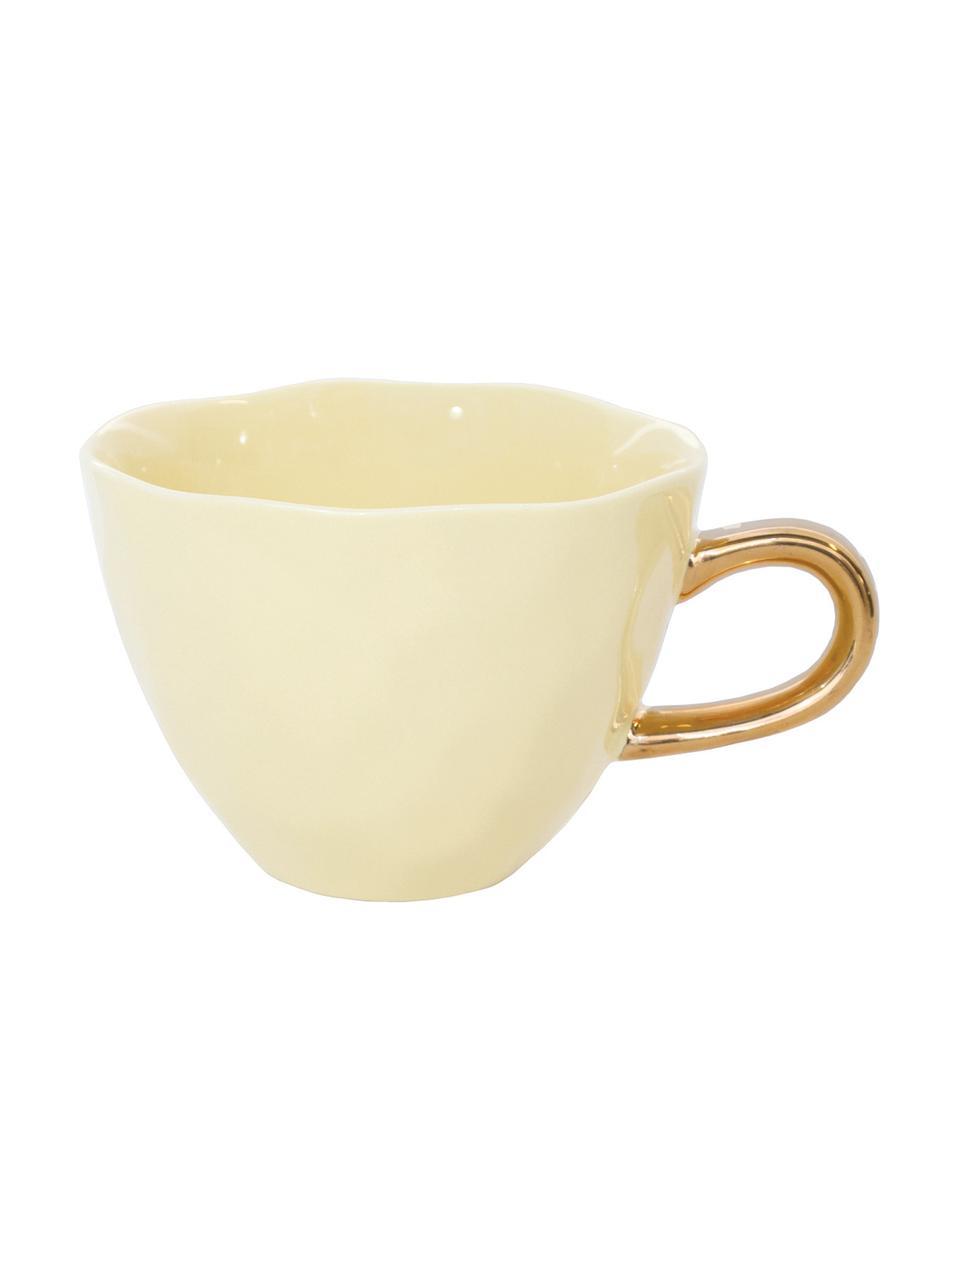 Tasse Good Morning in Gelb mit goldfarbenem Griff, Steingut, Gelb, Goldfarben, Ø 11 x H 8 cm